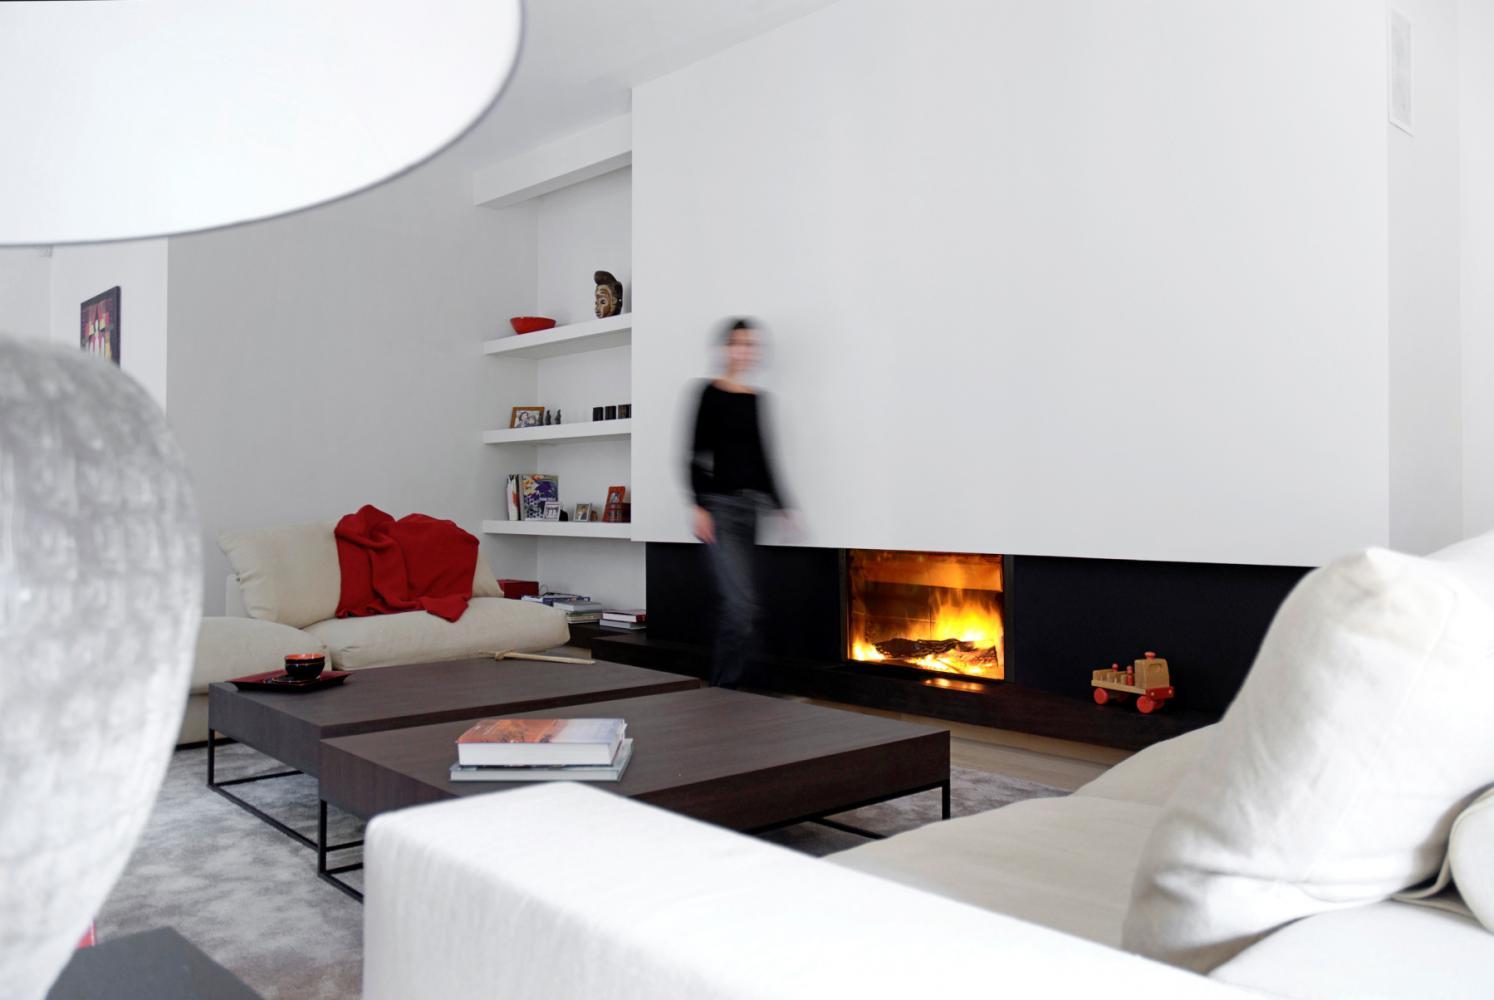 Una sala con divani di color bianco e una stufa moderna